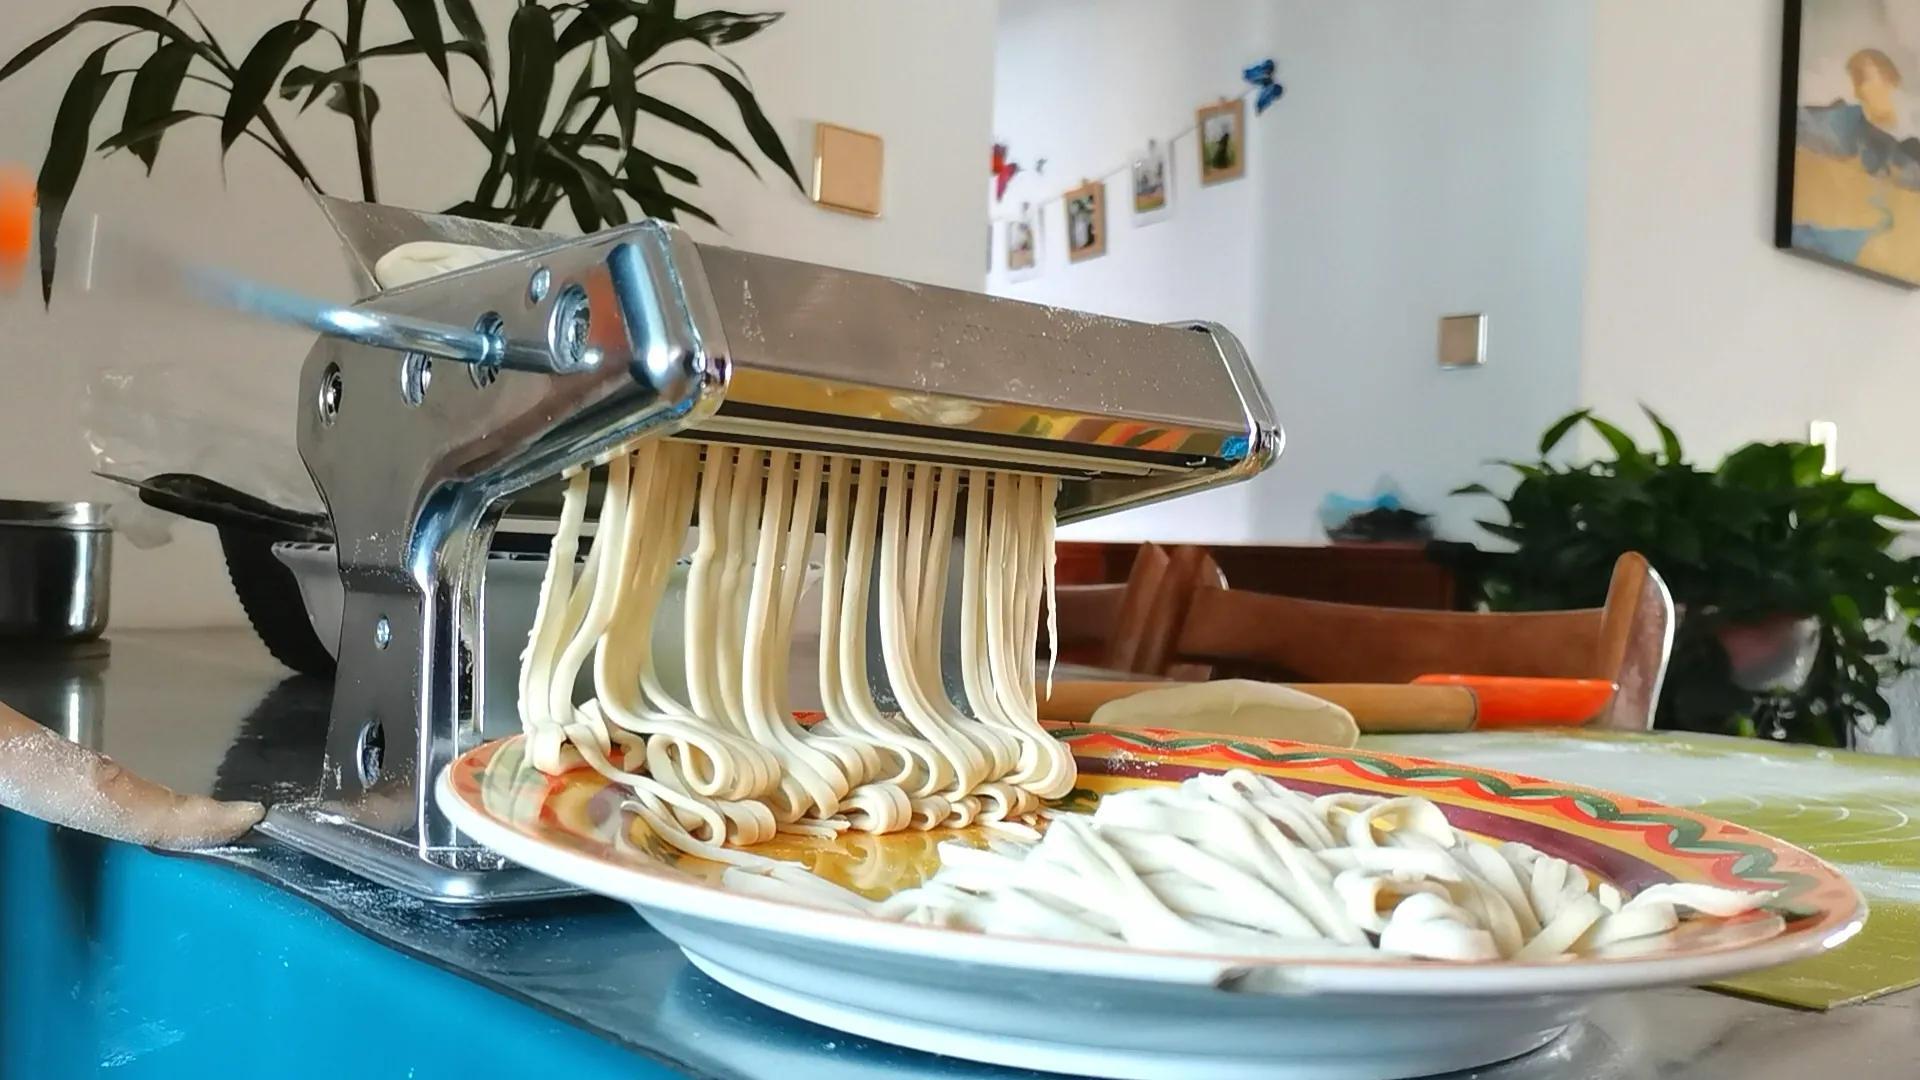 夏天来碗蒜薹炸酱面,做梦都馋它,好吃到舔盘子,制作简单又营养 美食做法 第9张